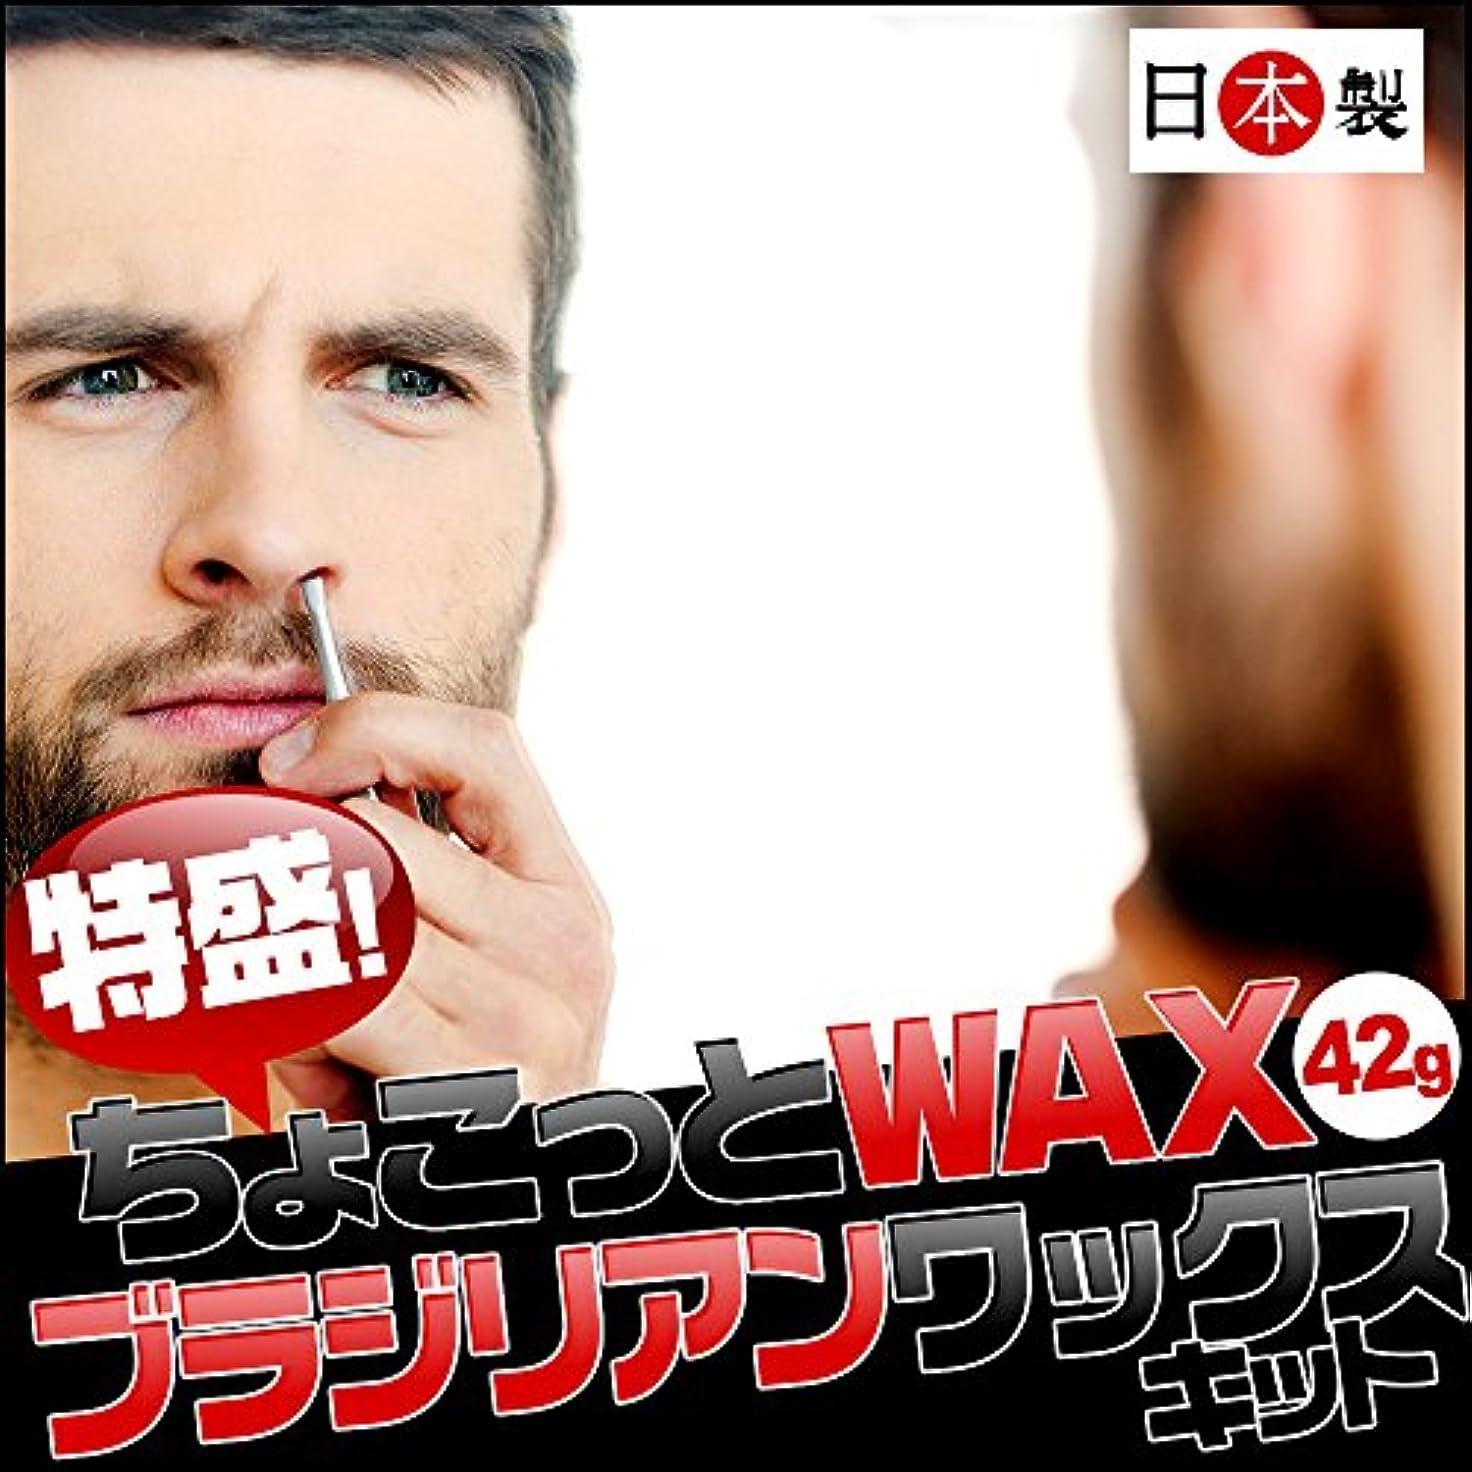 見積り熱狂的な特徴づける日本製ワックスで安心!鼻毛脱毛  特盛  ちょこっとWax 6回分 (脱毛スパチュラ6本)